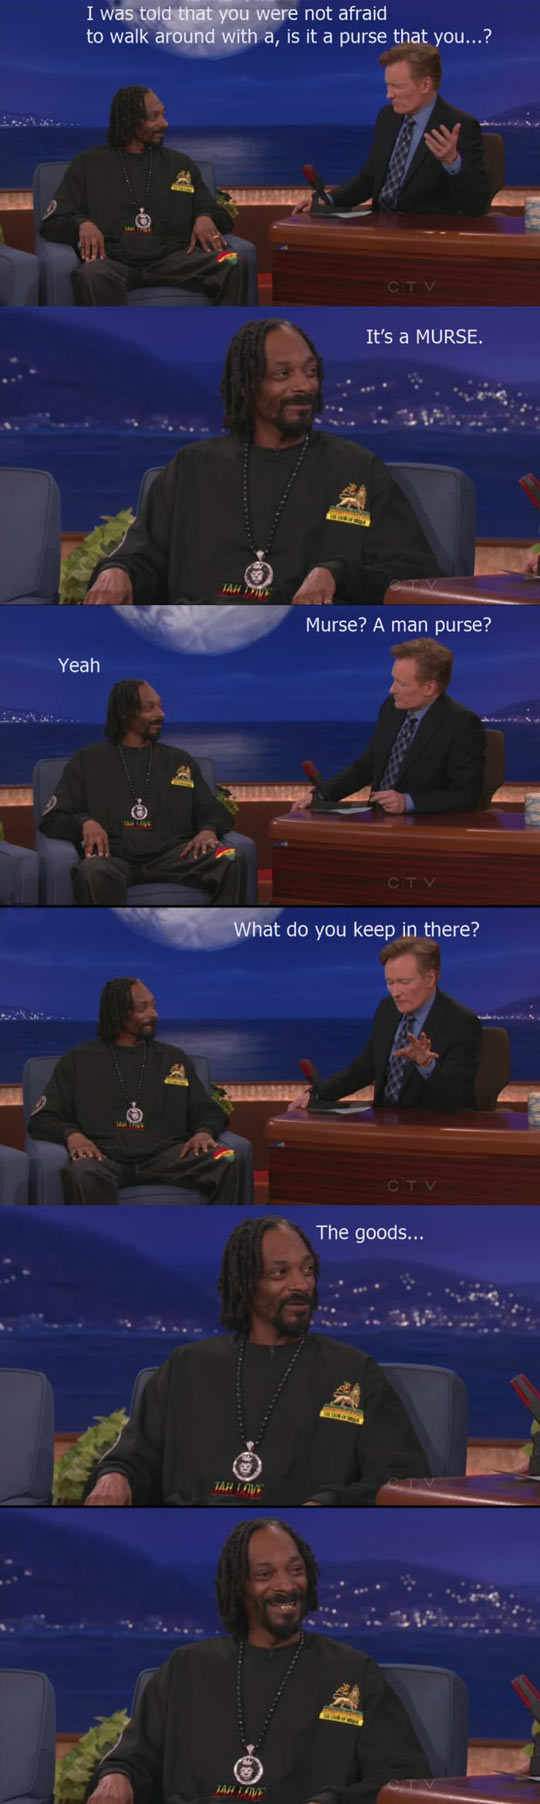 funny-Conan-Snoop-Dogg-purse-weed